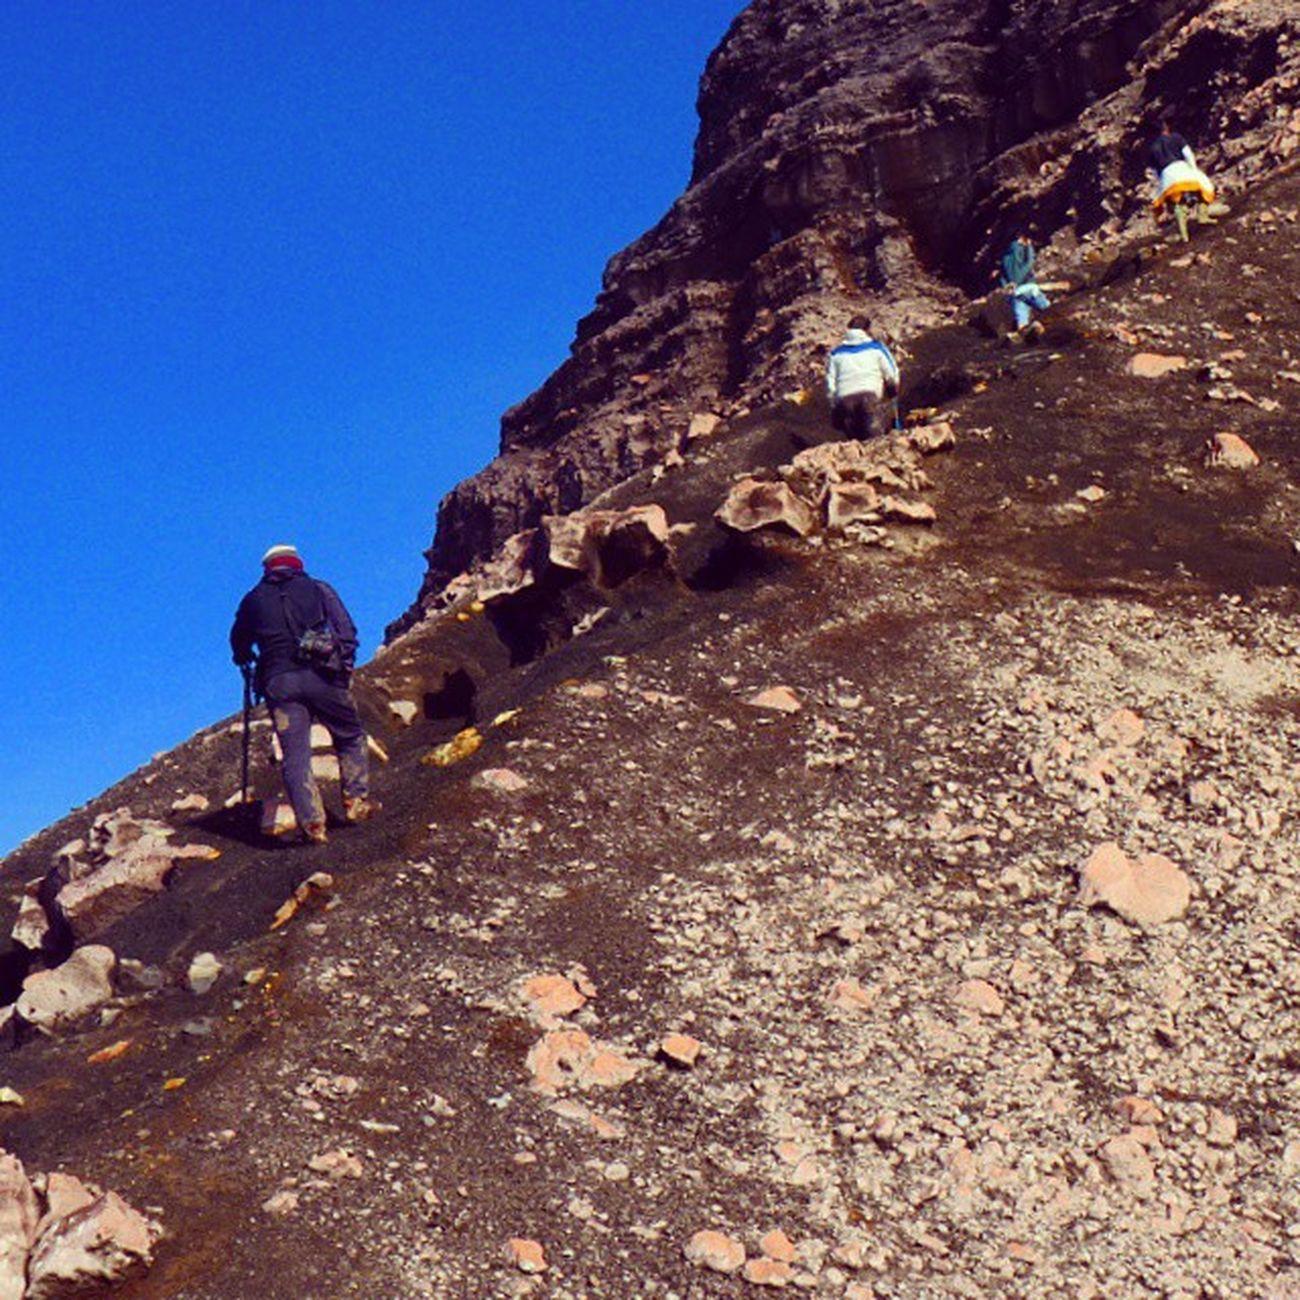 Mt Kerinci's Track 3.805 M dpl/Asl Ini merupakan jalur pendakian gunung kerinci yang bagi saya cukup ekstream, kemiringan medan yang cukup curam serta kondisi batuan yang cukup labil sangat harus di waspadai. Di sini jalur terpecah menjadi beberapa buat. Yang cukup menyulitkan dan membahayakan para pendaki, karena sewaktu kabut dan badai jalur turun akan tertutup dan bisa saja salah masuk ke jalur yang menuju jurang. Kewaspadaan dan komsentrasi sangat di butuhkan. Original Picture By Pudjakusuma Adventure. Pendakian Amal Bersama Warga Singapura. Mendaki gunung dan Berbagi . Crew n guade @editrisutresno Gunungkerinci Gunungtalang Gunungsemeru Pendakigunung Pendaki Adventure Eiger Tracking Kayuaro Jambi Mountain Mount Backpacker Mountainenthusiast Highlover Volcano Green Landscape Kayuaro Indonesian INDONESIA Wowindonesia Visitindonesia Ivj Pudjakusuma